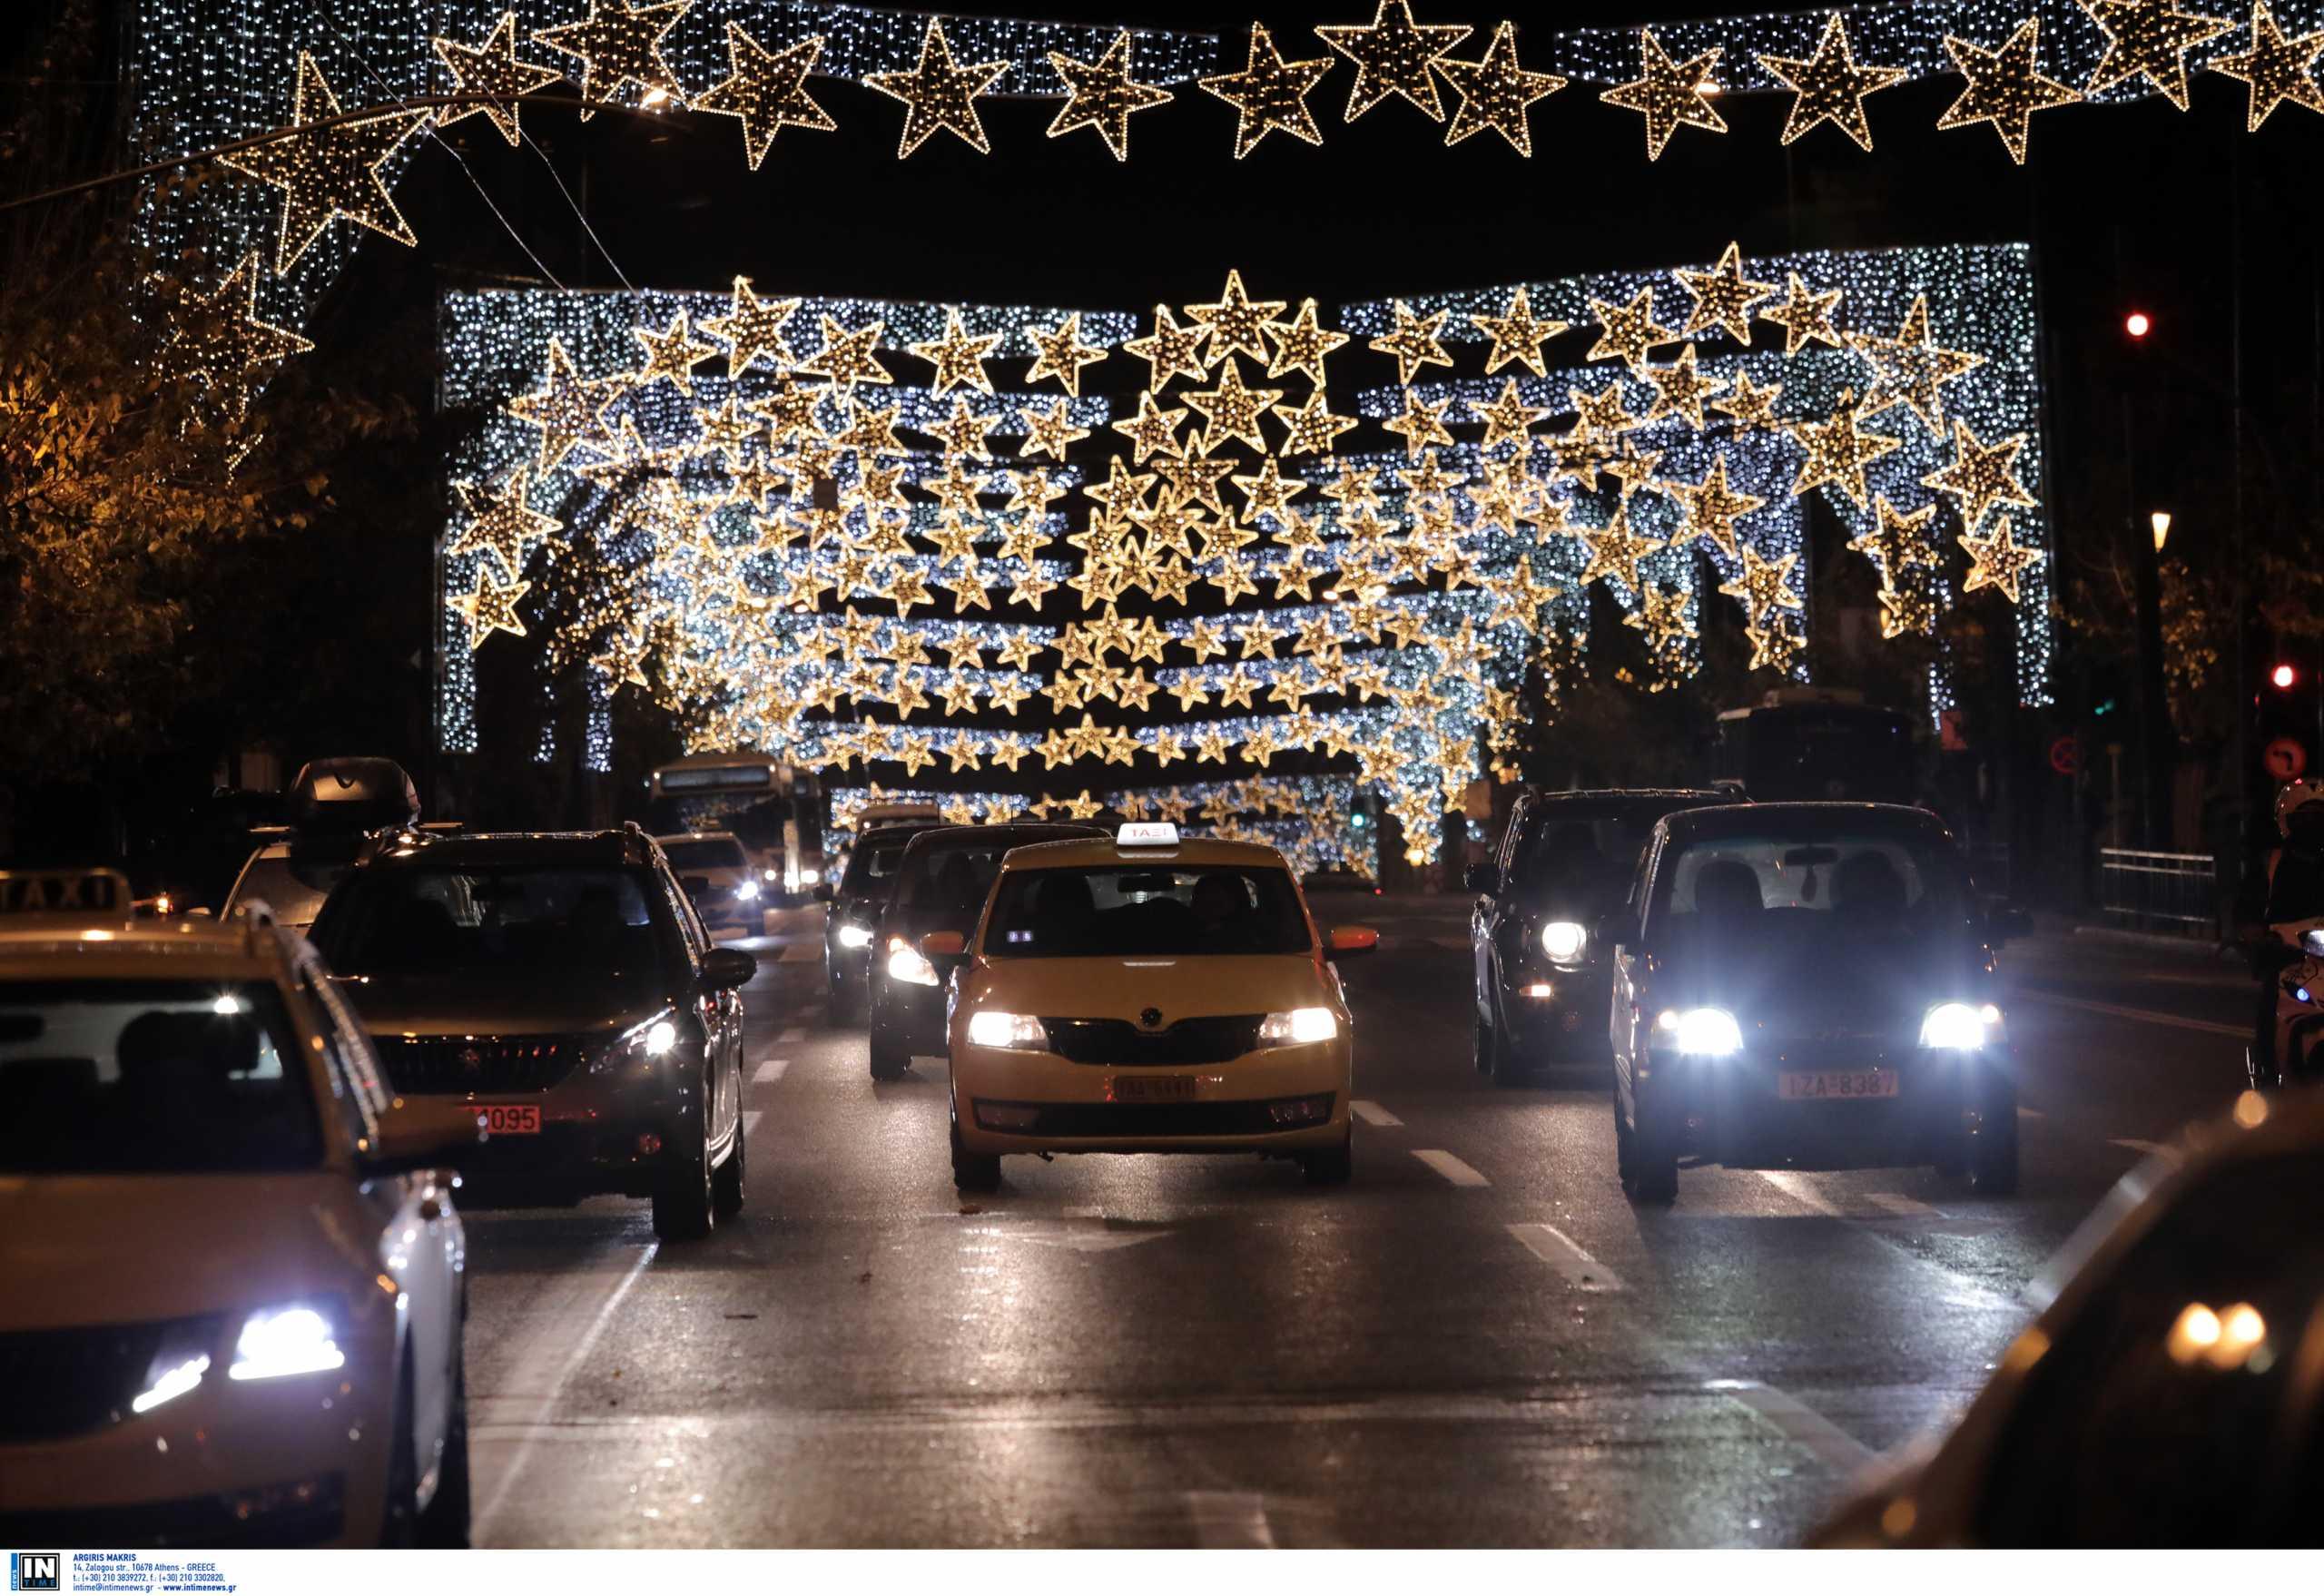 Lockdown: Πάνω από 1.000 παραβάσεις των μέτρων ανήμερα των Χριστουγέννων